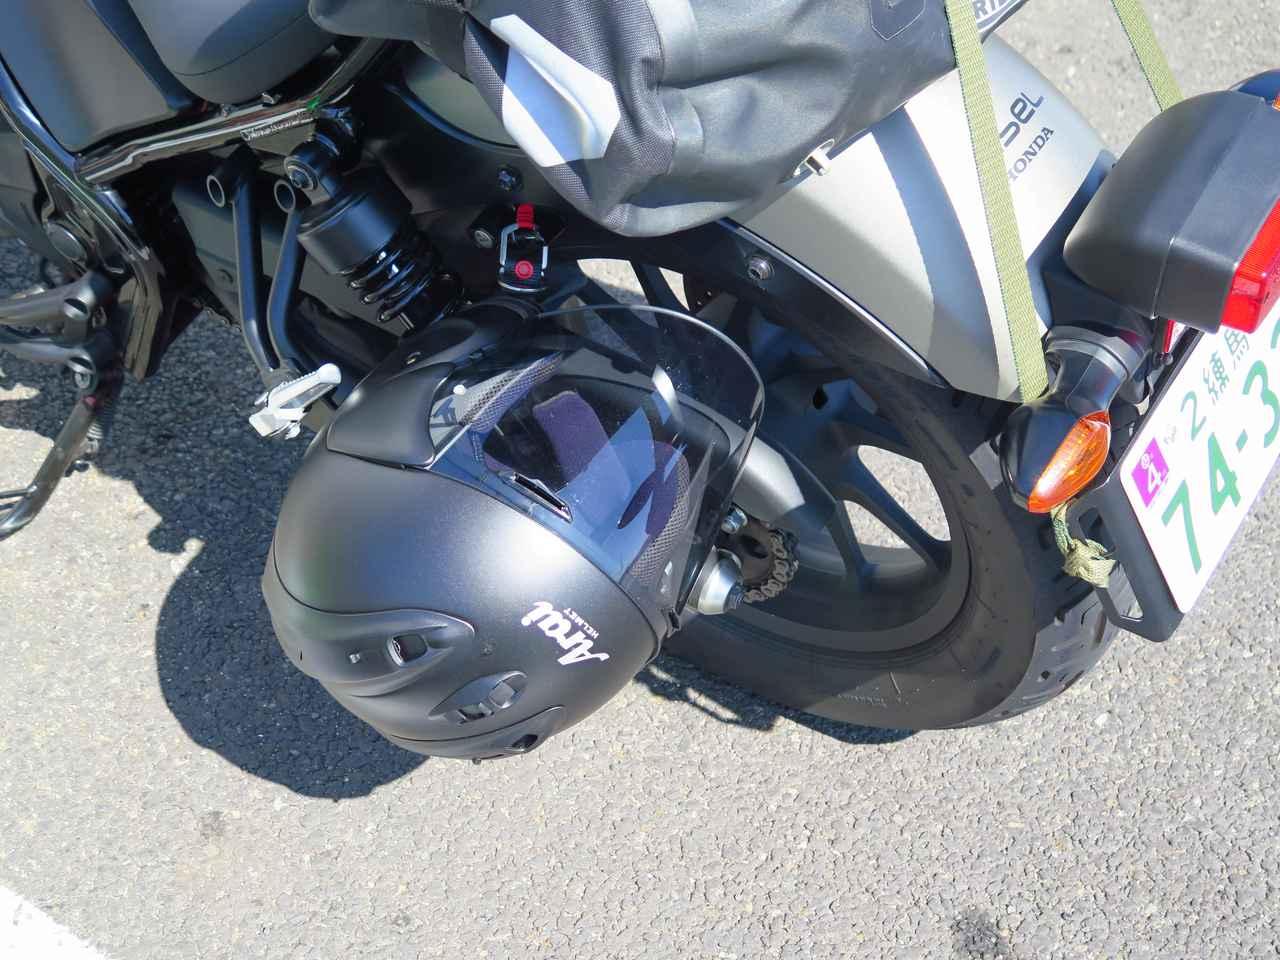 画像1: ホンダ「レブル250」高速道路ツーリング・インプレ! 東京~山形 往復800km走って感じたことをレビュー、燃費も測りました!